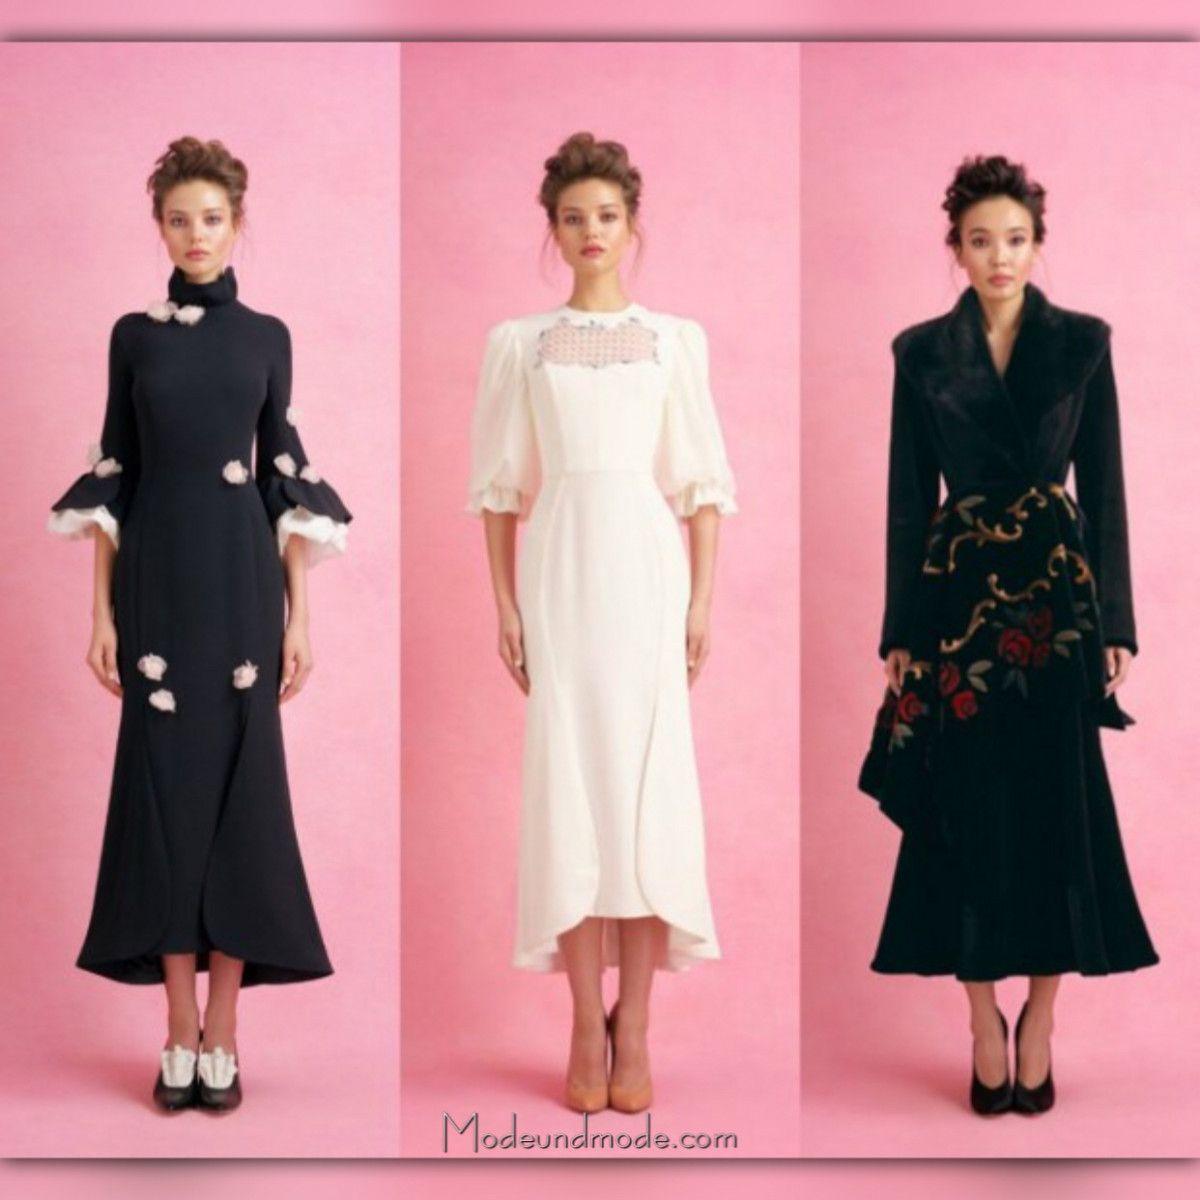 elegante kleidung - mode und mode | kleidung mode, elegante